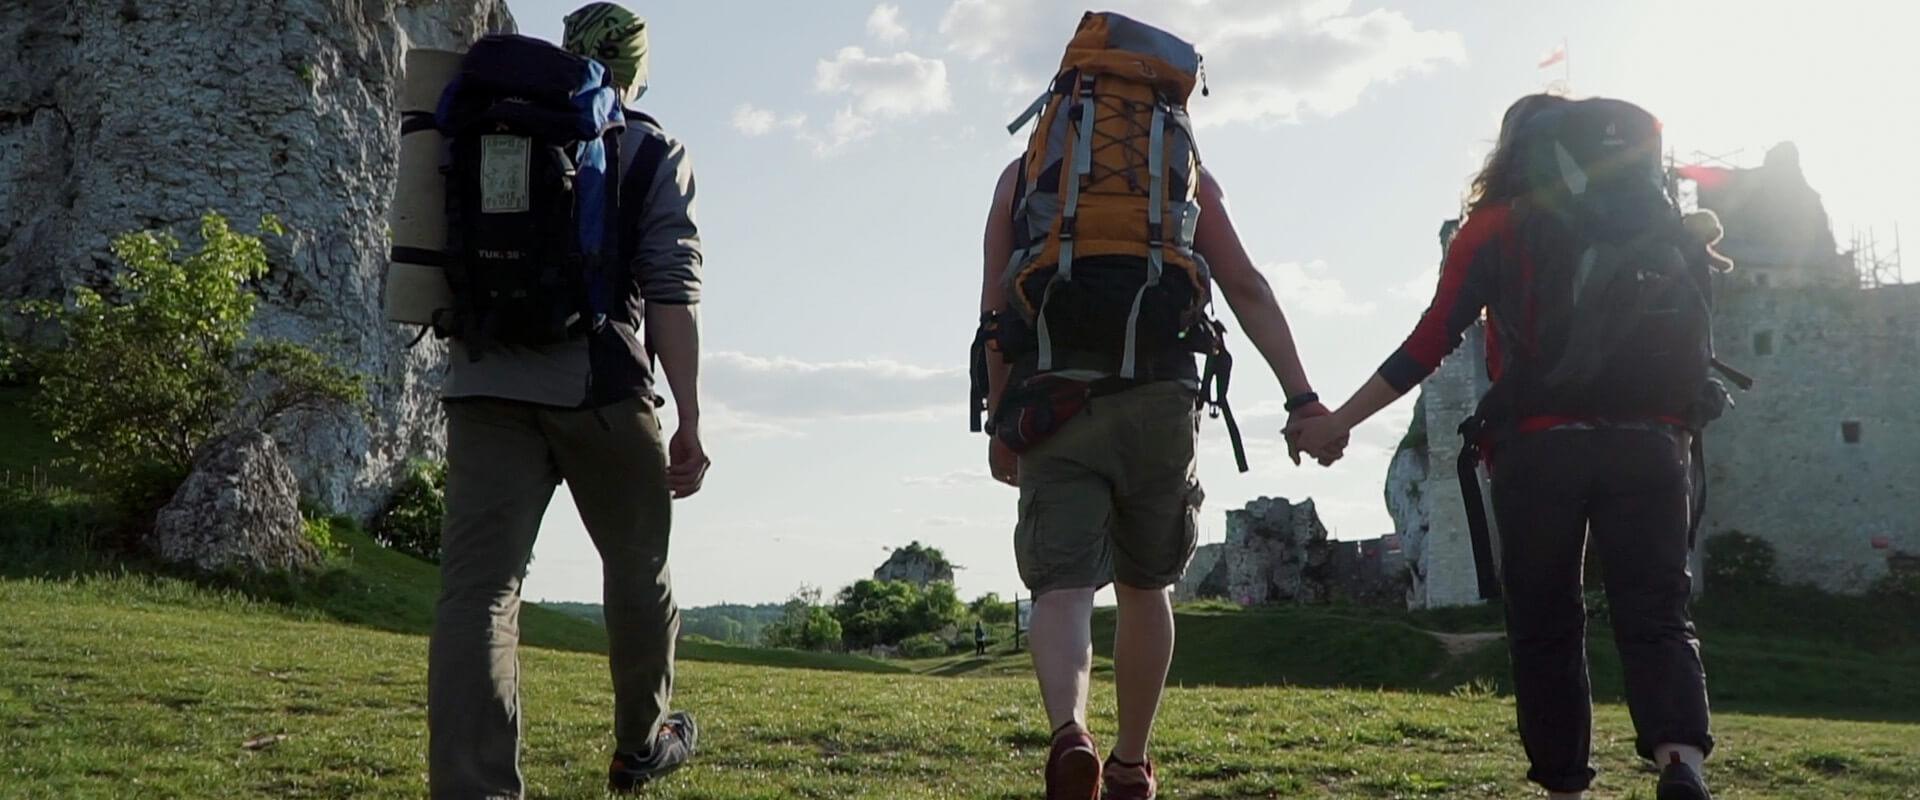 turyści z plecakami na jurze krakowsko częstochowskiej